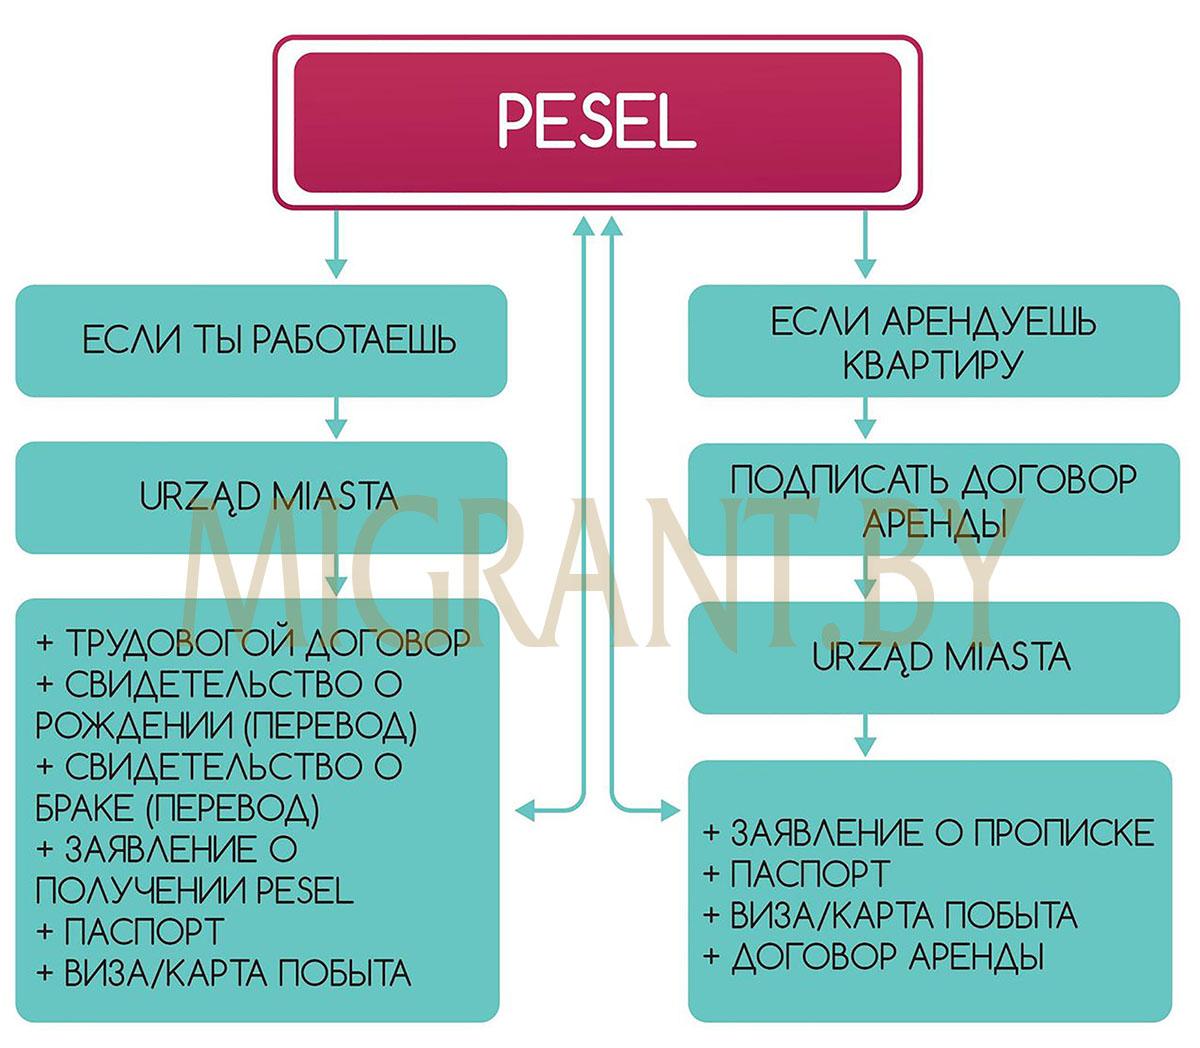 Как получить Pesel и NIP?